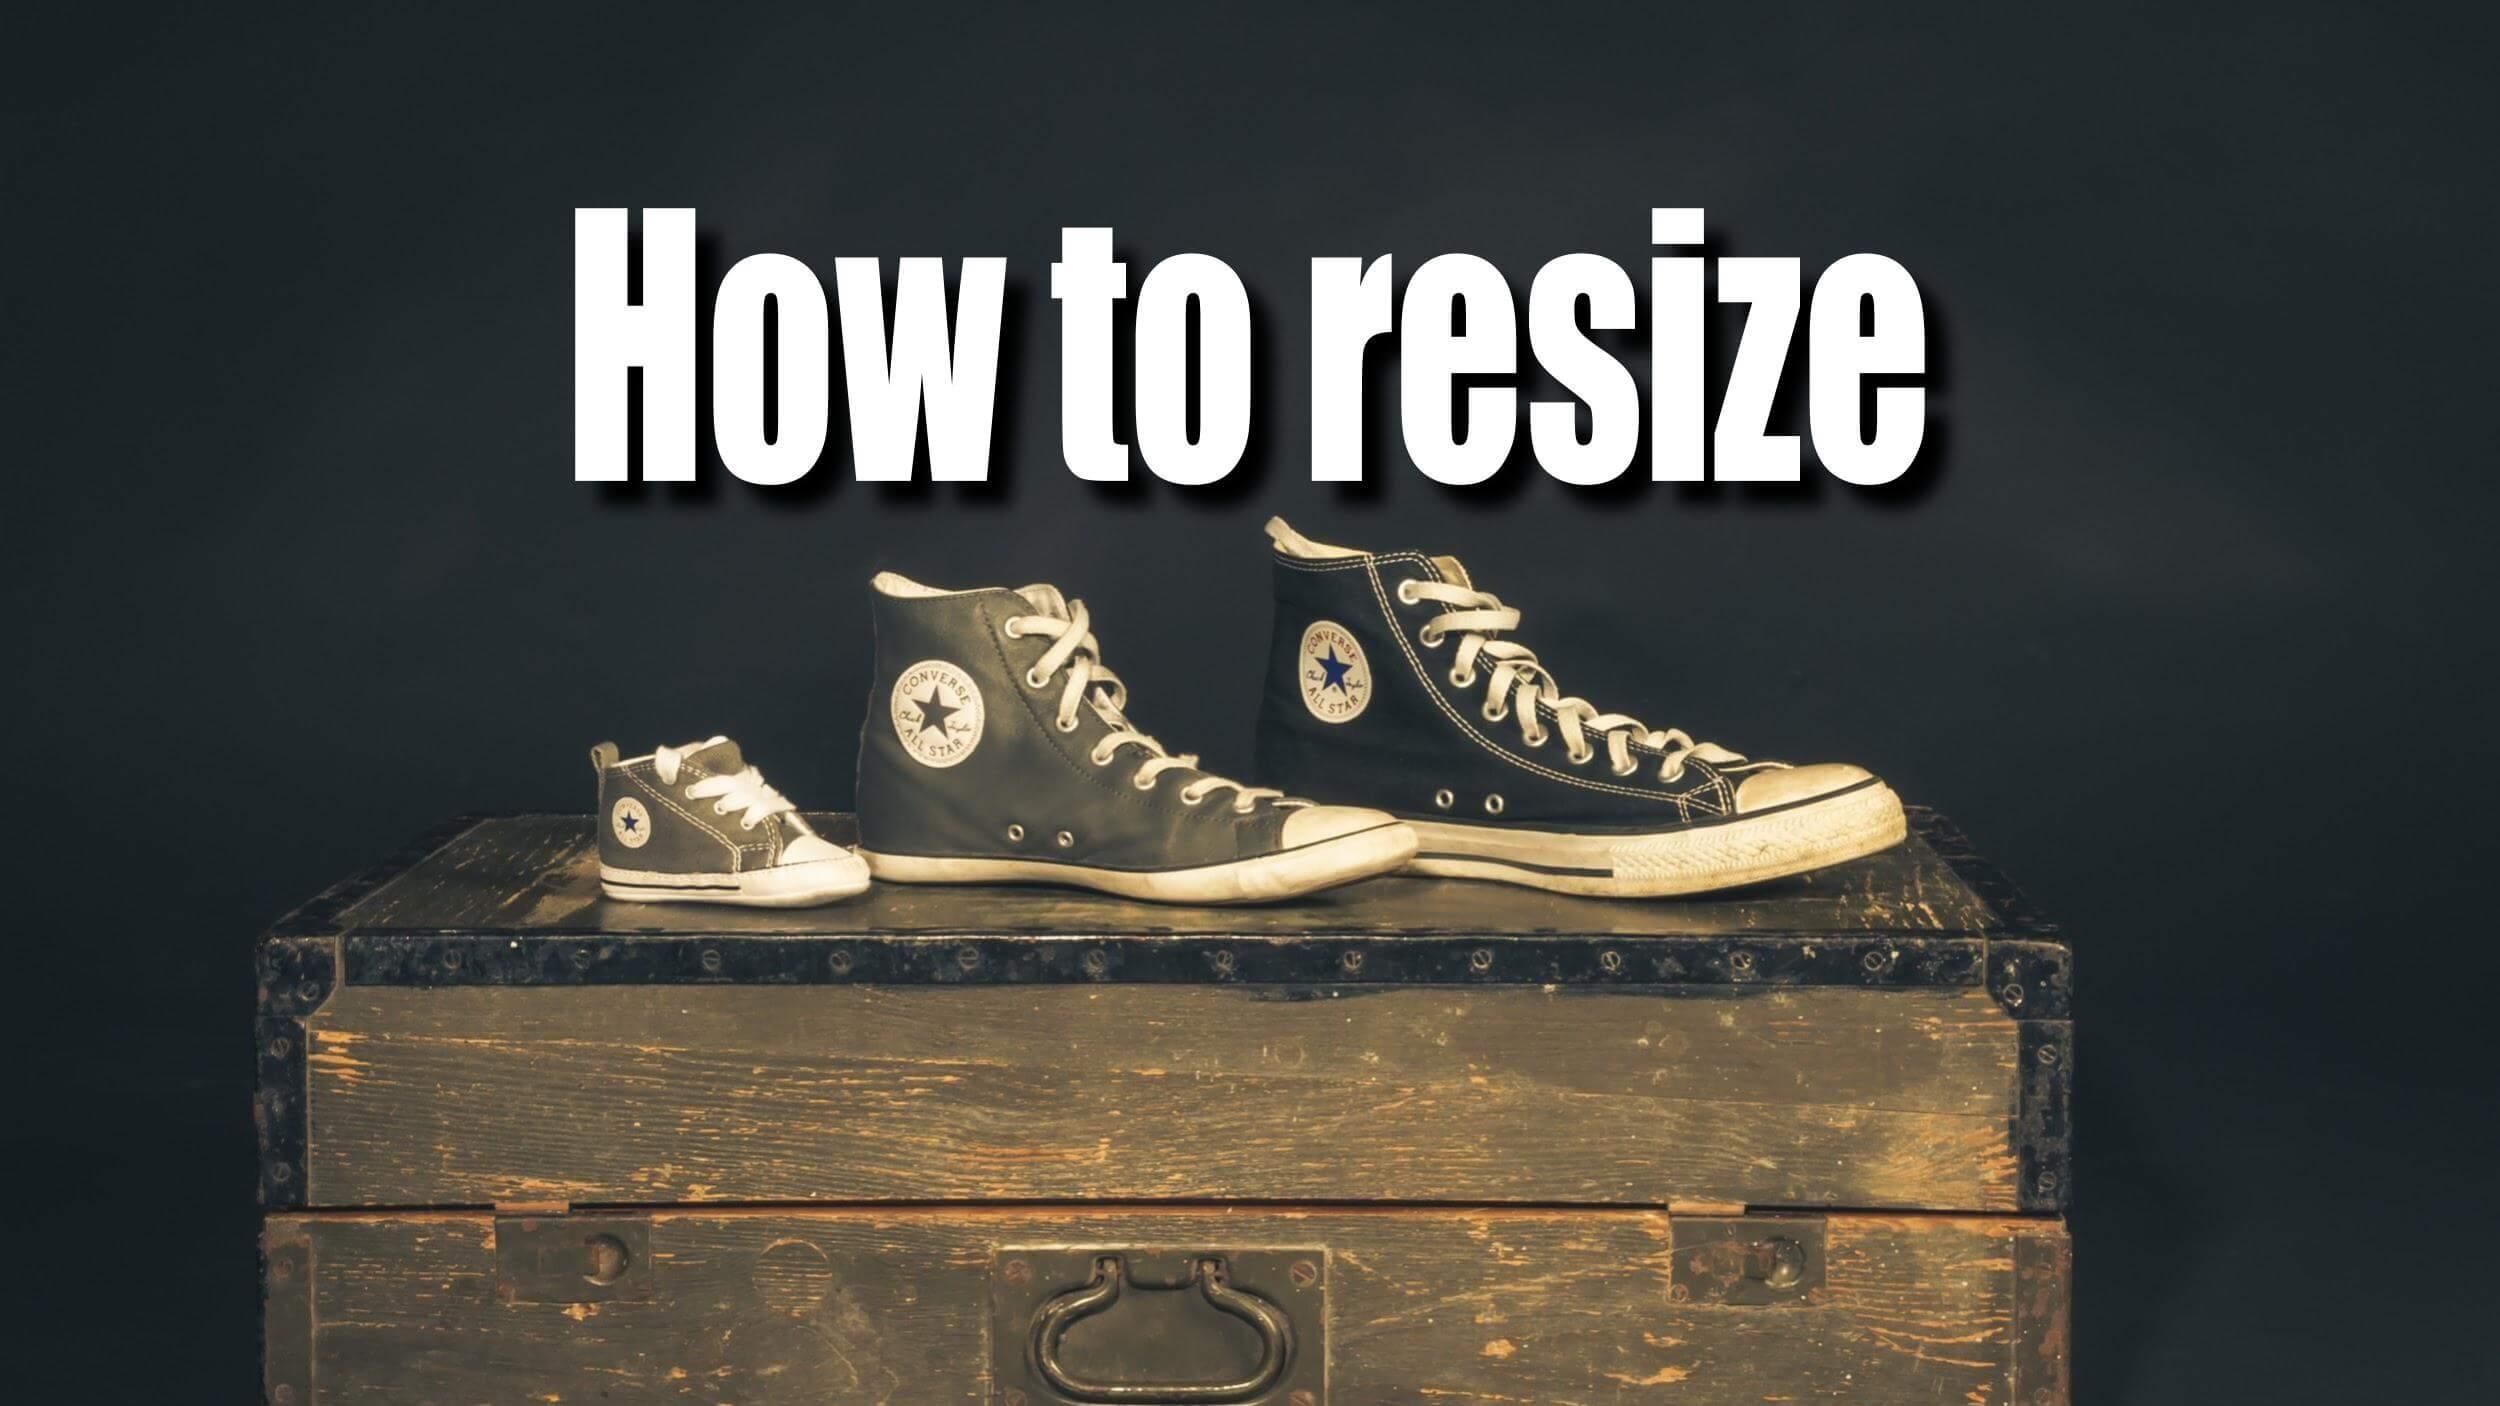 サイズの異なるコンバースのスニーカー テキスト「How to resize」